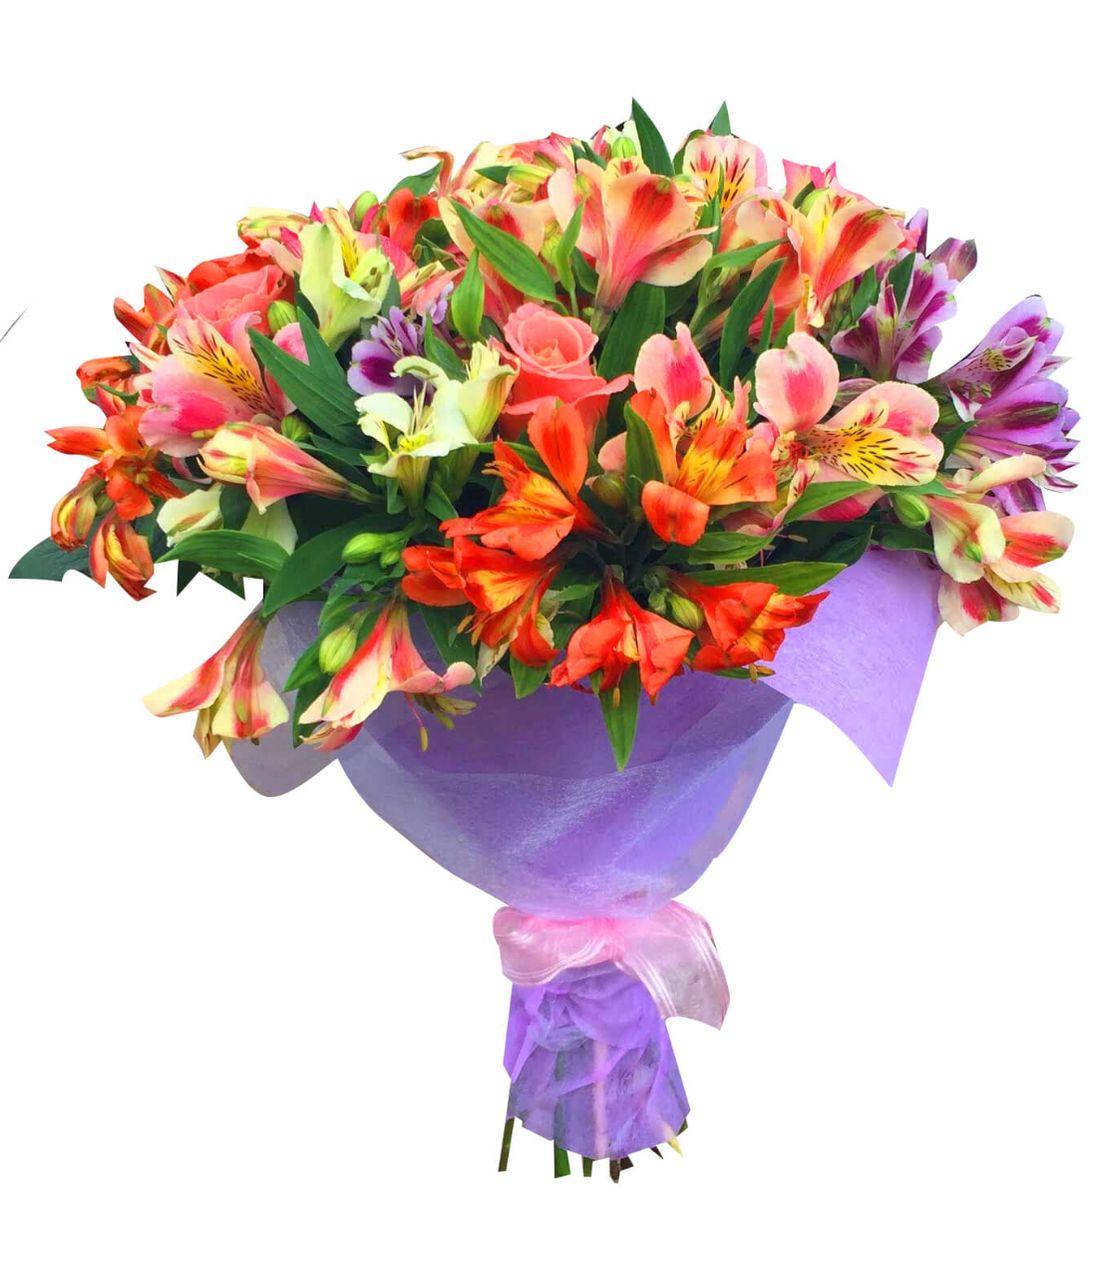 """Букет из 15 альстромерий """"Летнее настроение"""". Superflowers.com.ua. Заказать цветы Альстромерии с доставкой"""